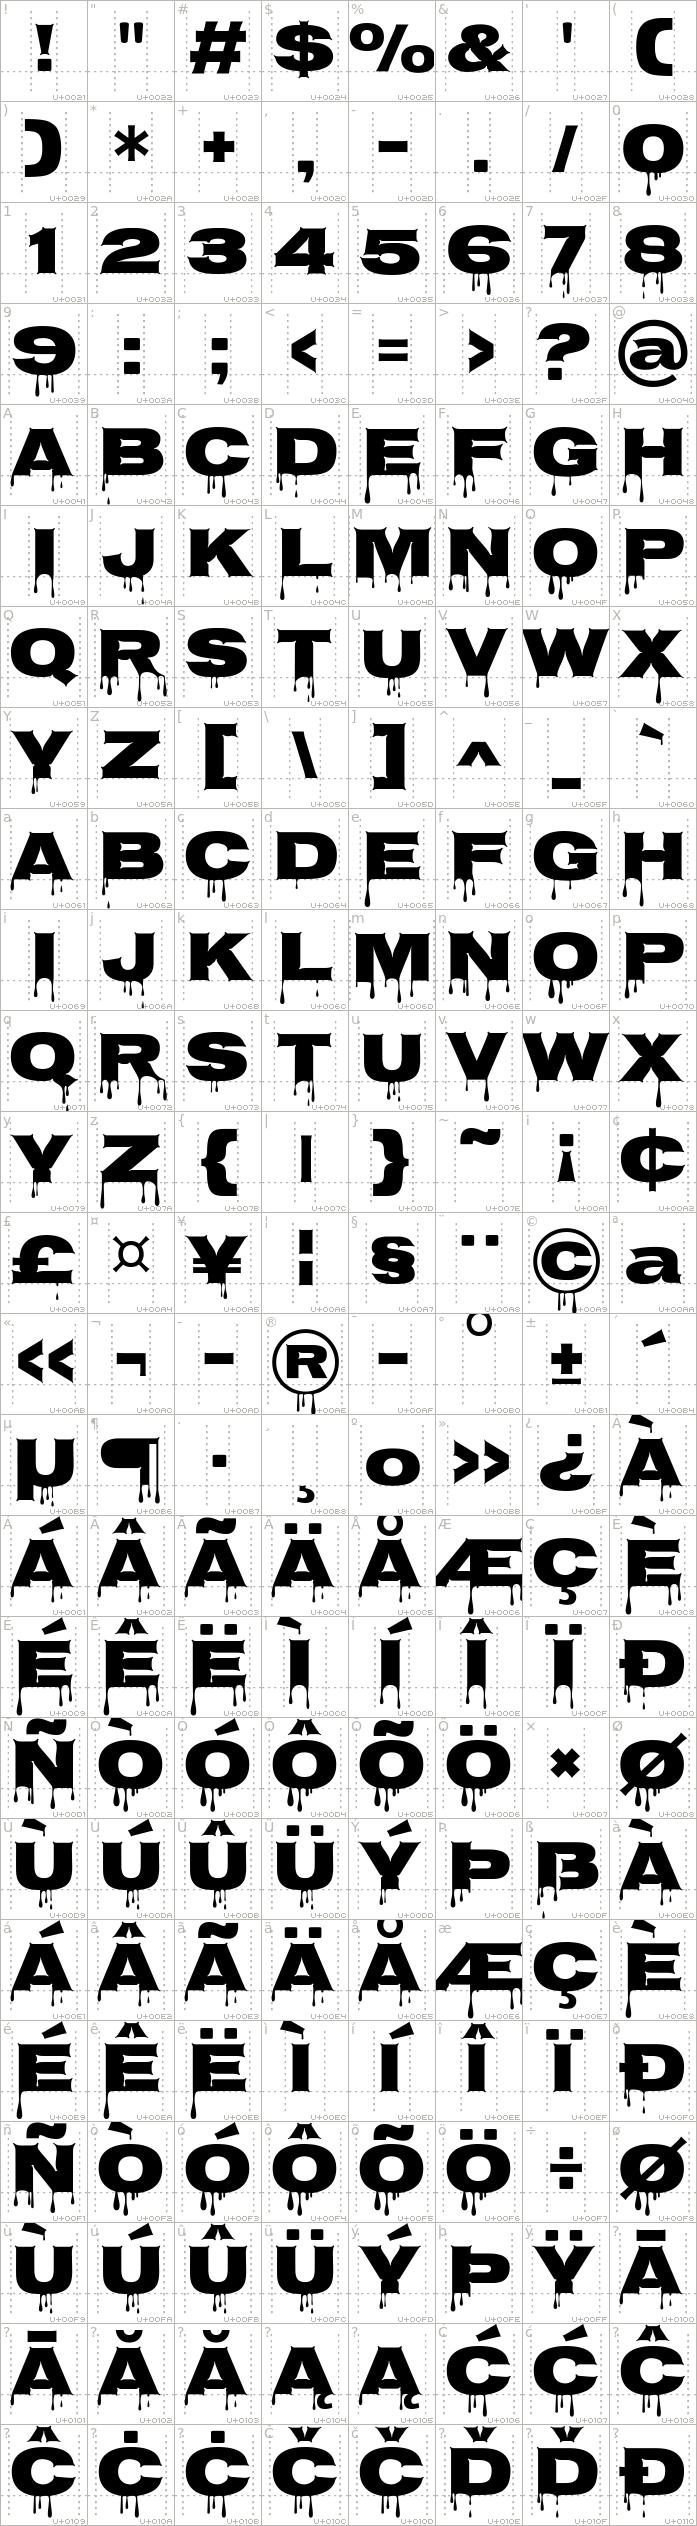 nosifer.regular.character-map-1